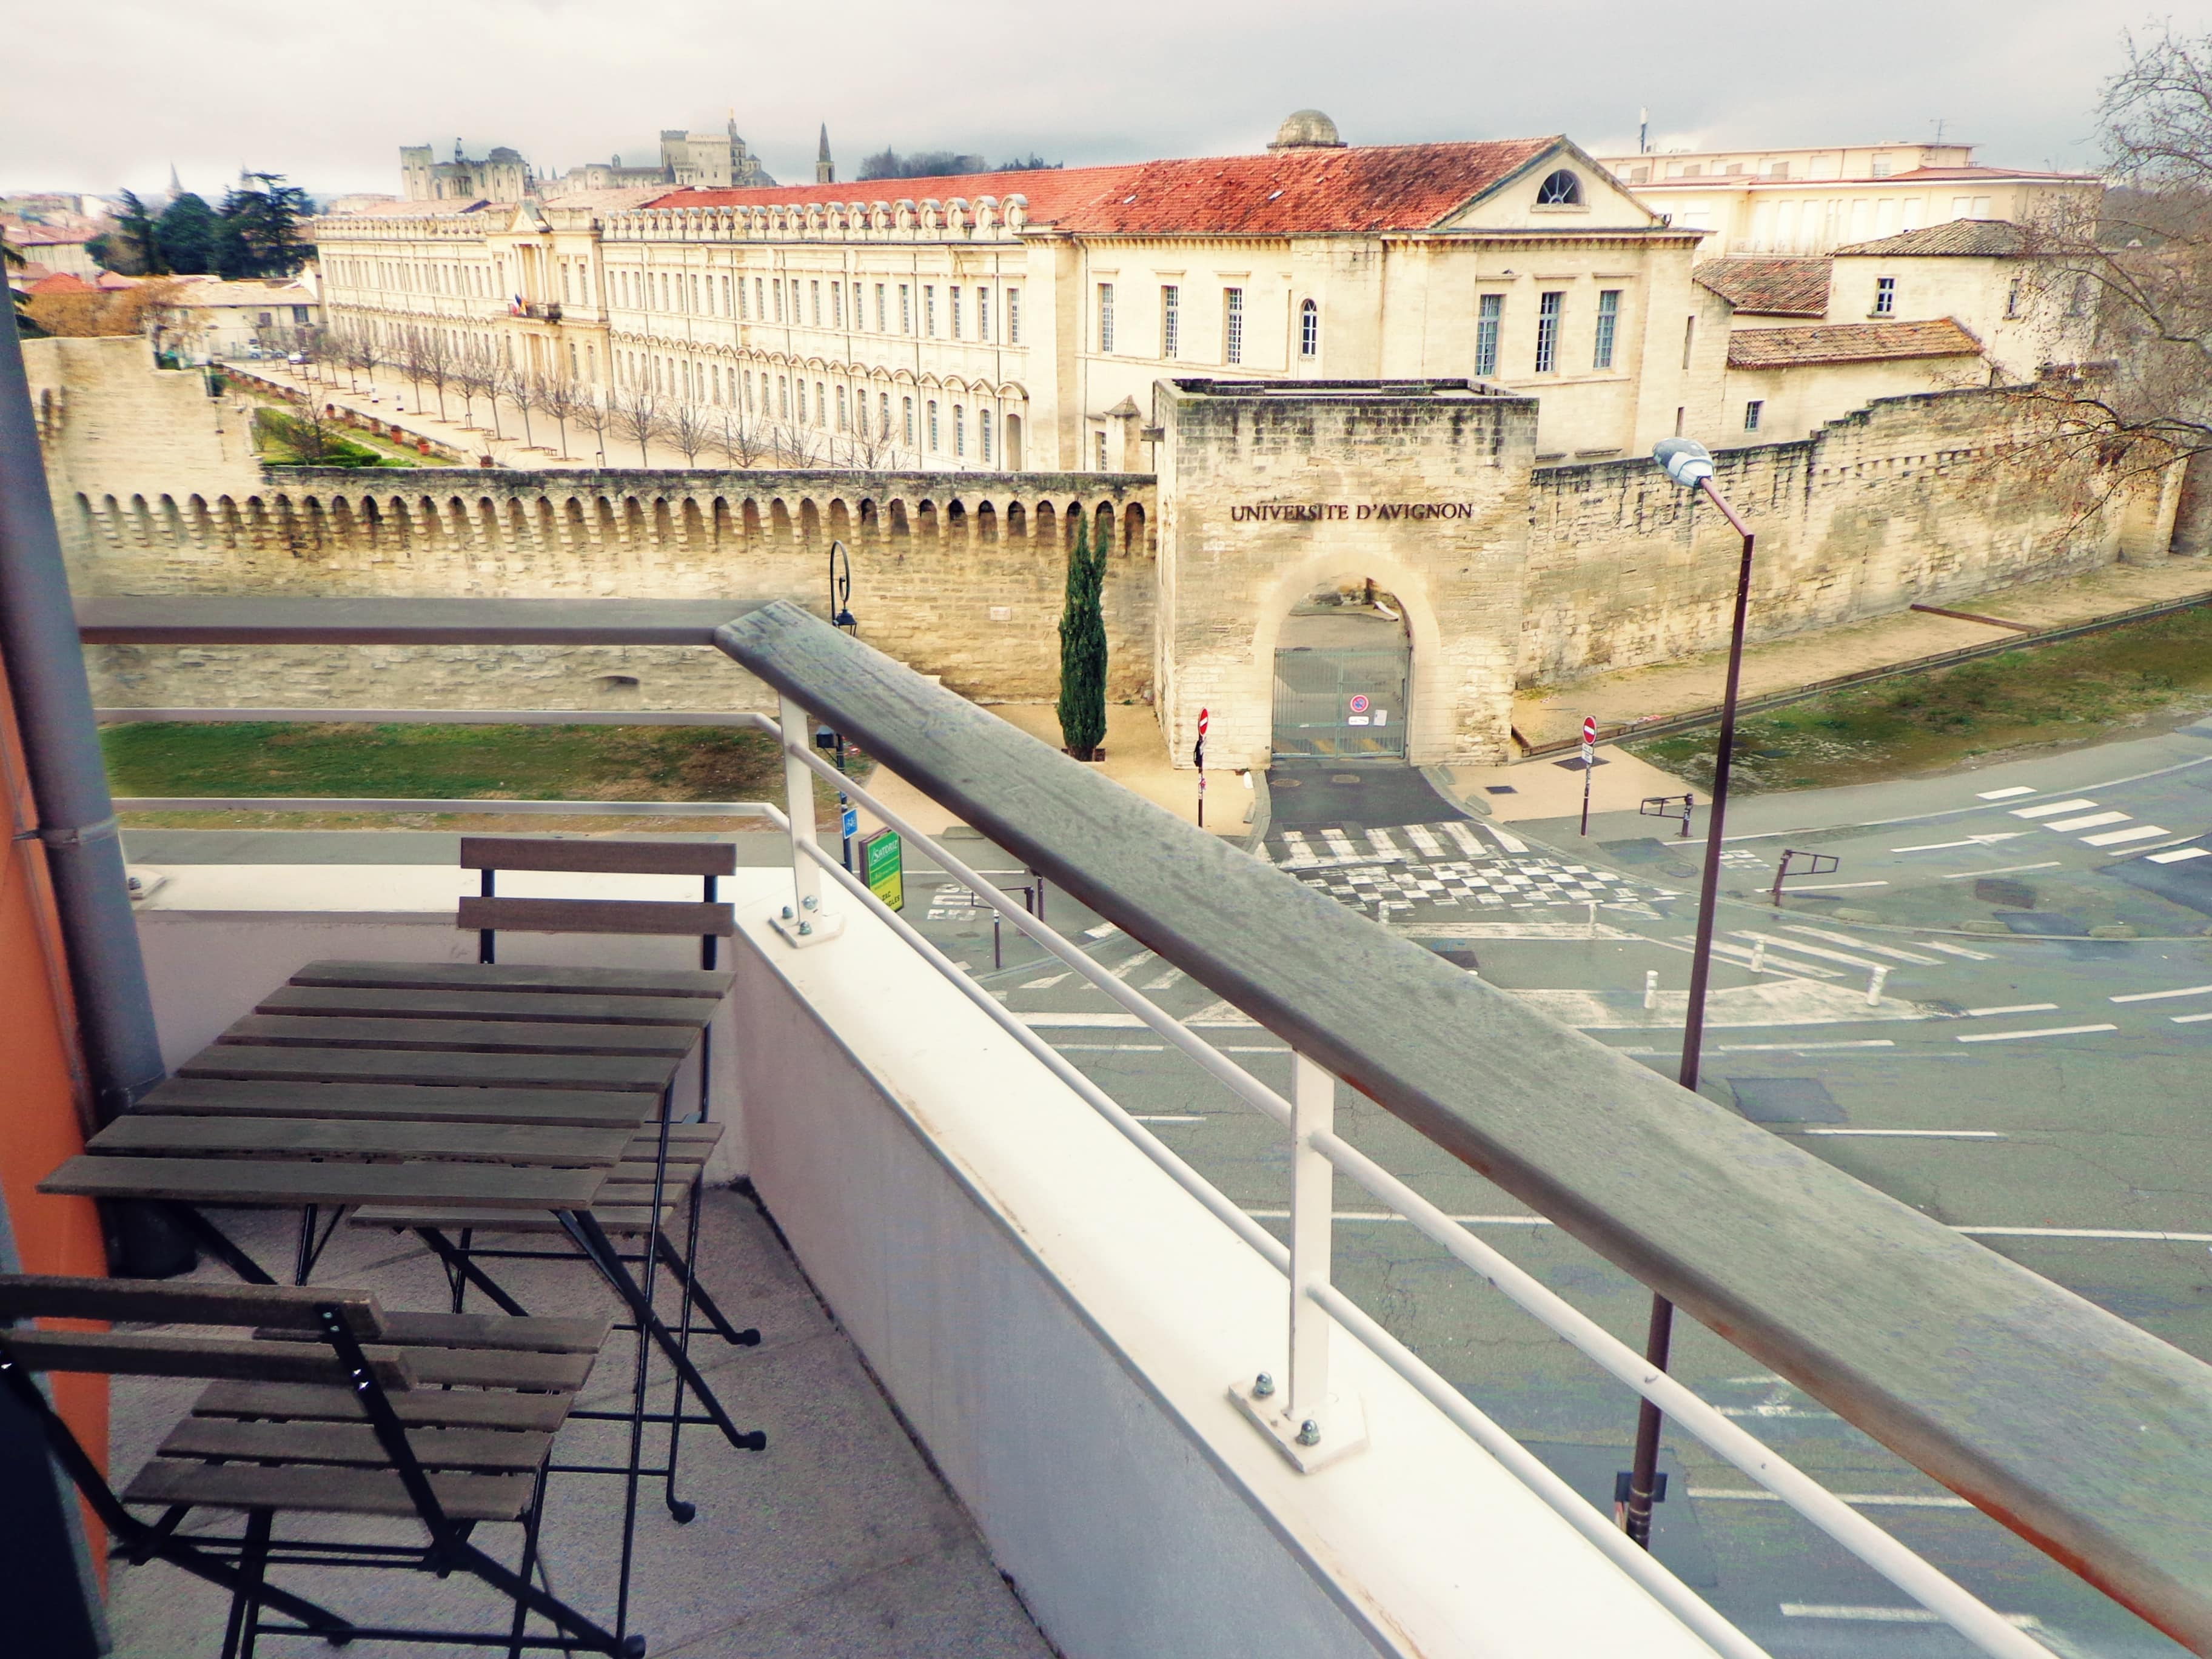 Vue panoramique de l'entrée sur l'université d'Avignon